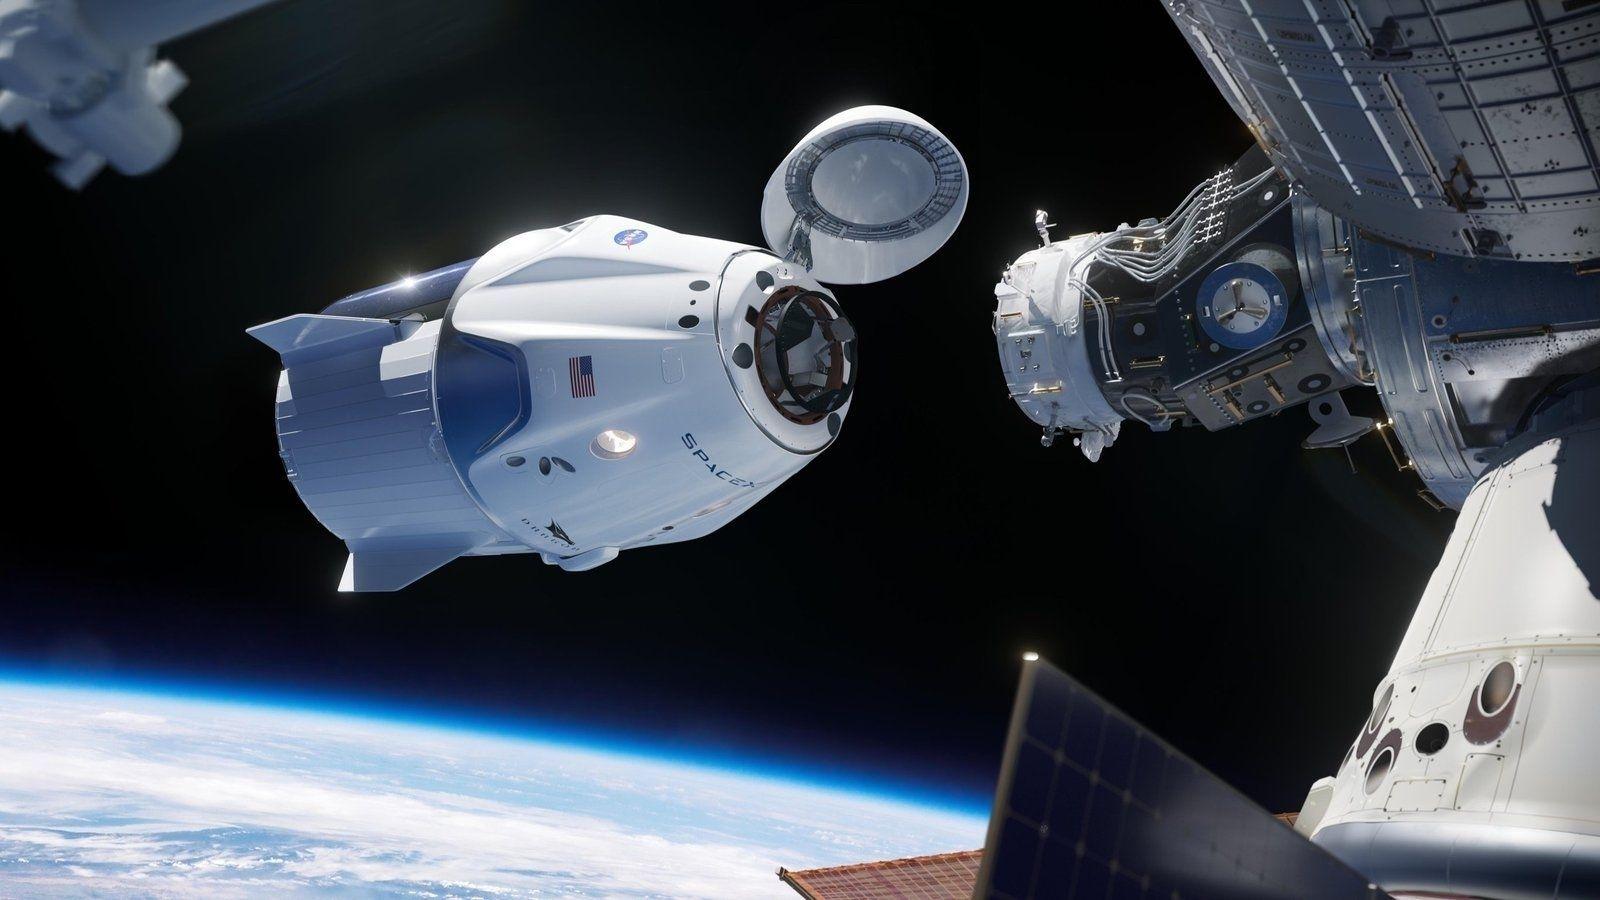 Роскосмос, NASA хоёр харилцан нэг нэгнийхээ хөлөгт нөөц суудал ашиглах талаар хэлэлцэж байгааг мэдээлжээ